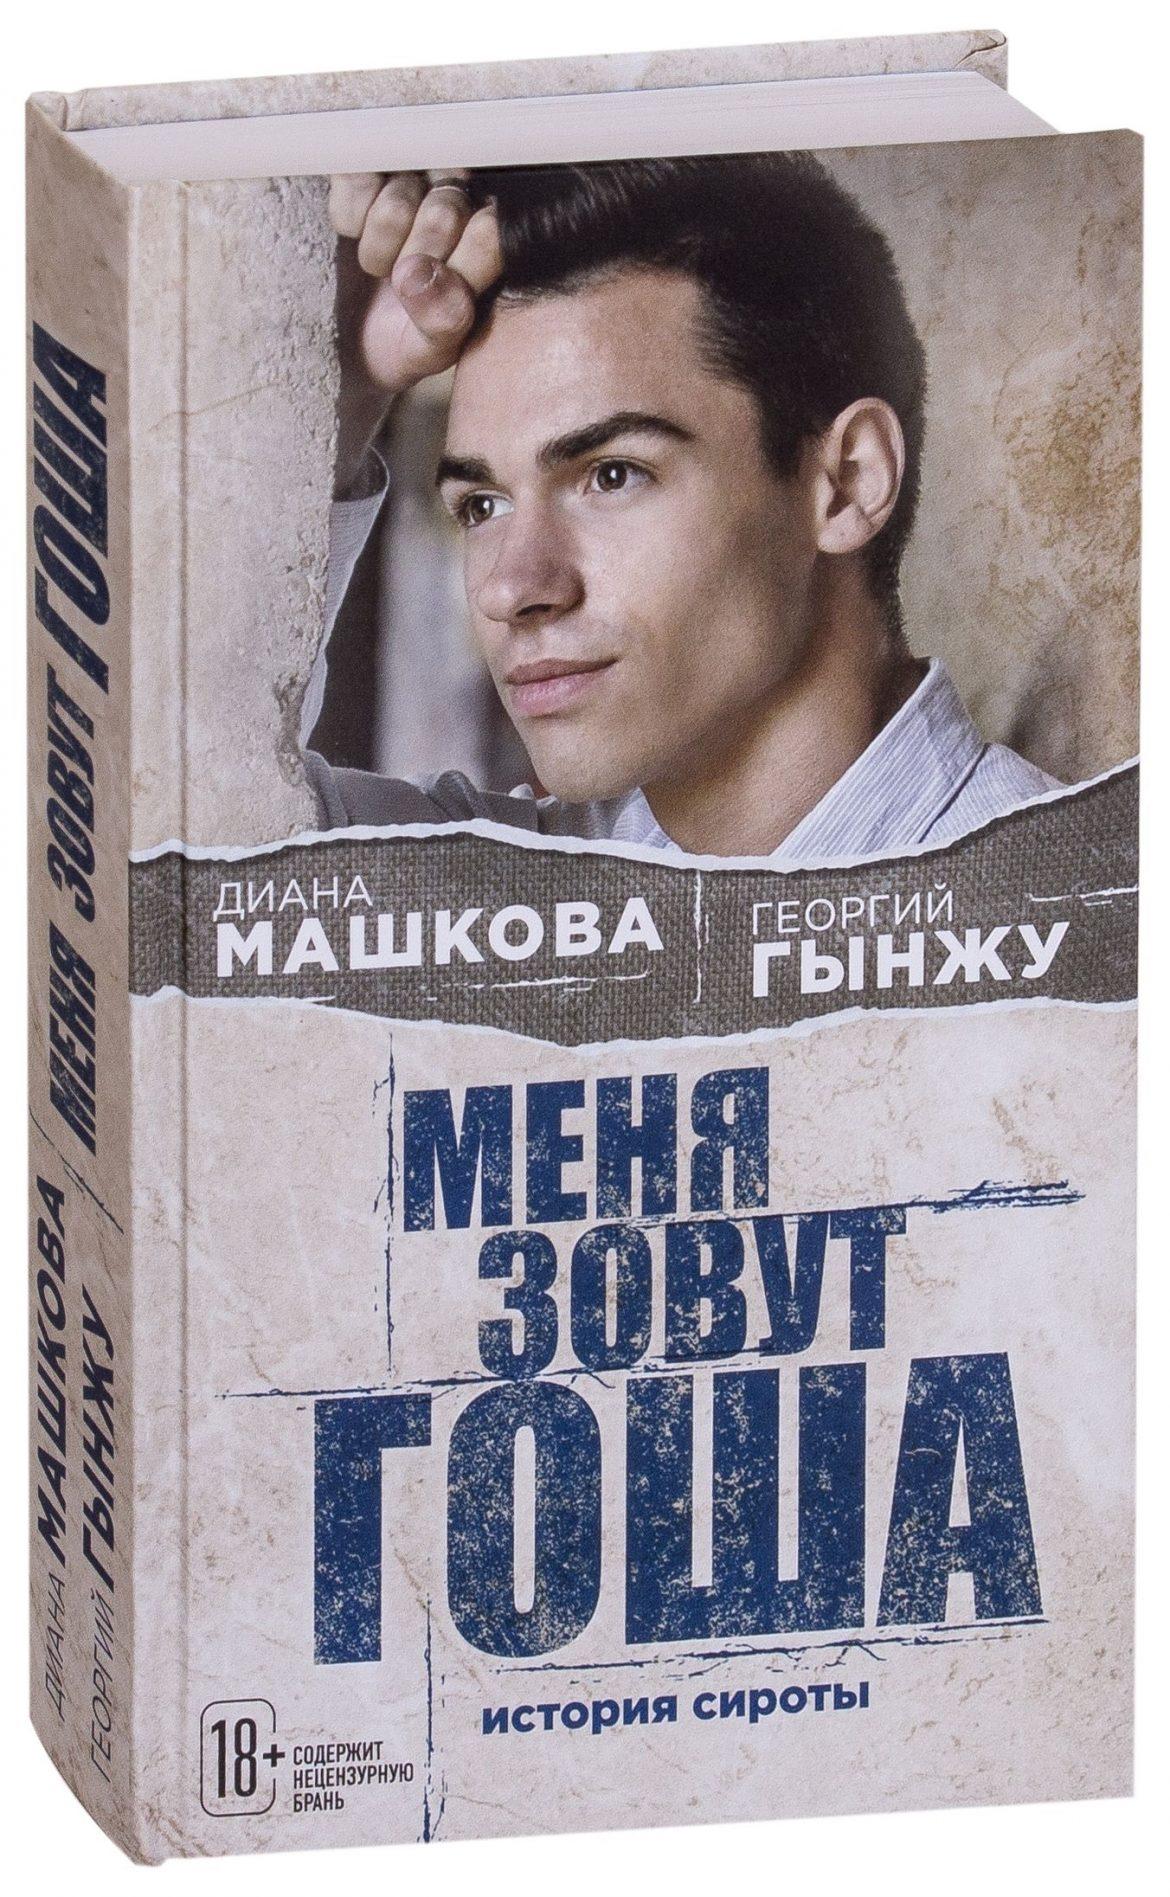 Меня зовут Гоша: история сироты — Диана Машкова, Георгий Гынжу